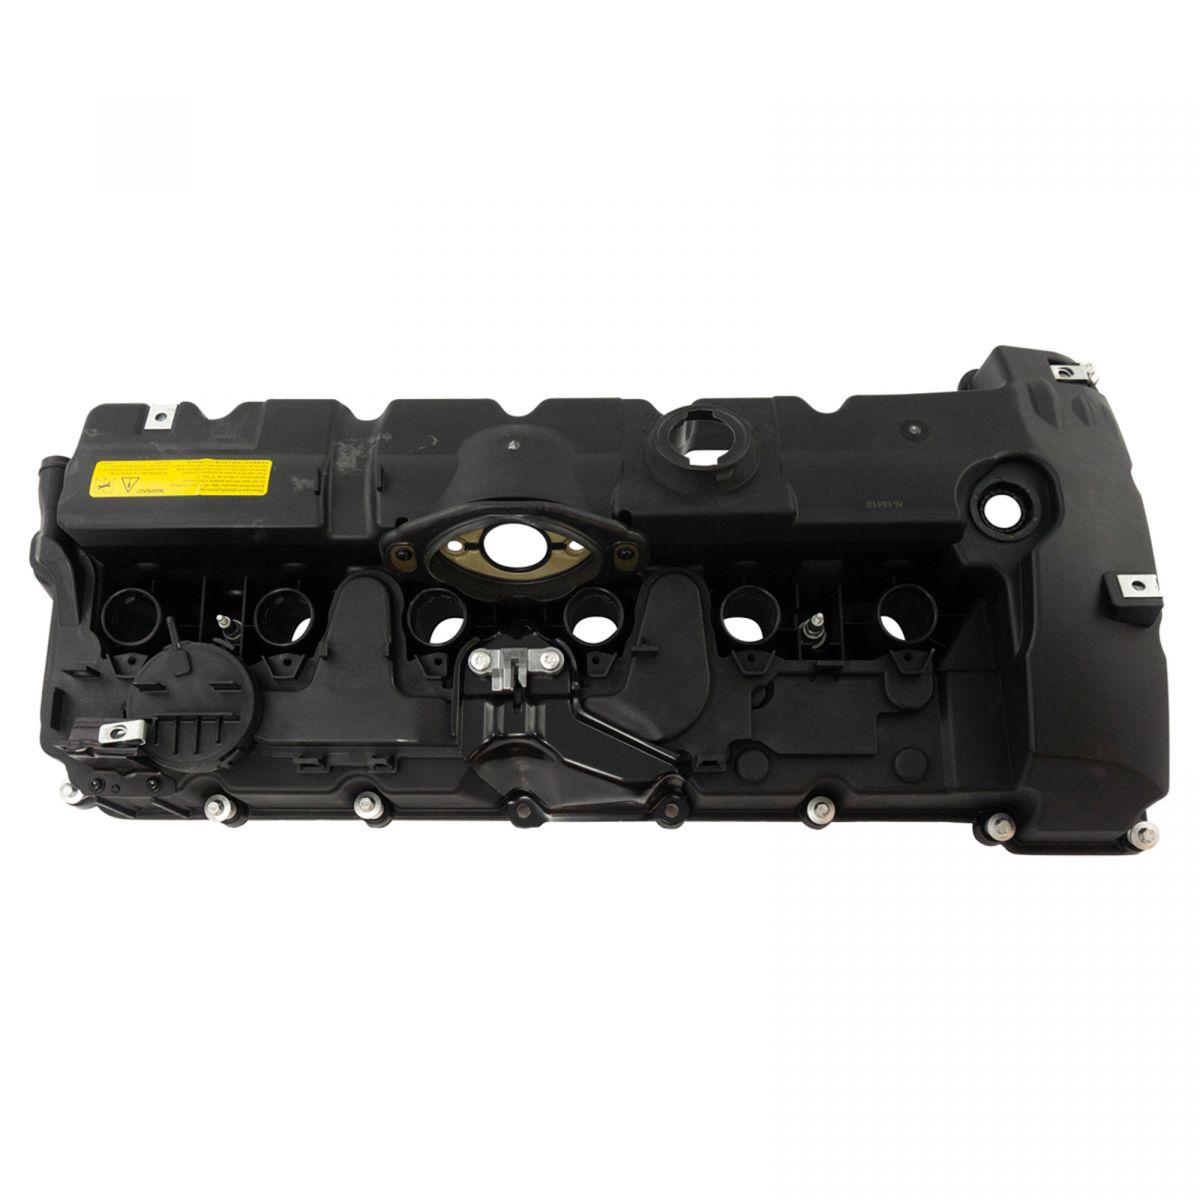 Engine Valve Cover W/ Gasket & Hardware For BMW 128i 328i